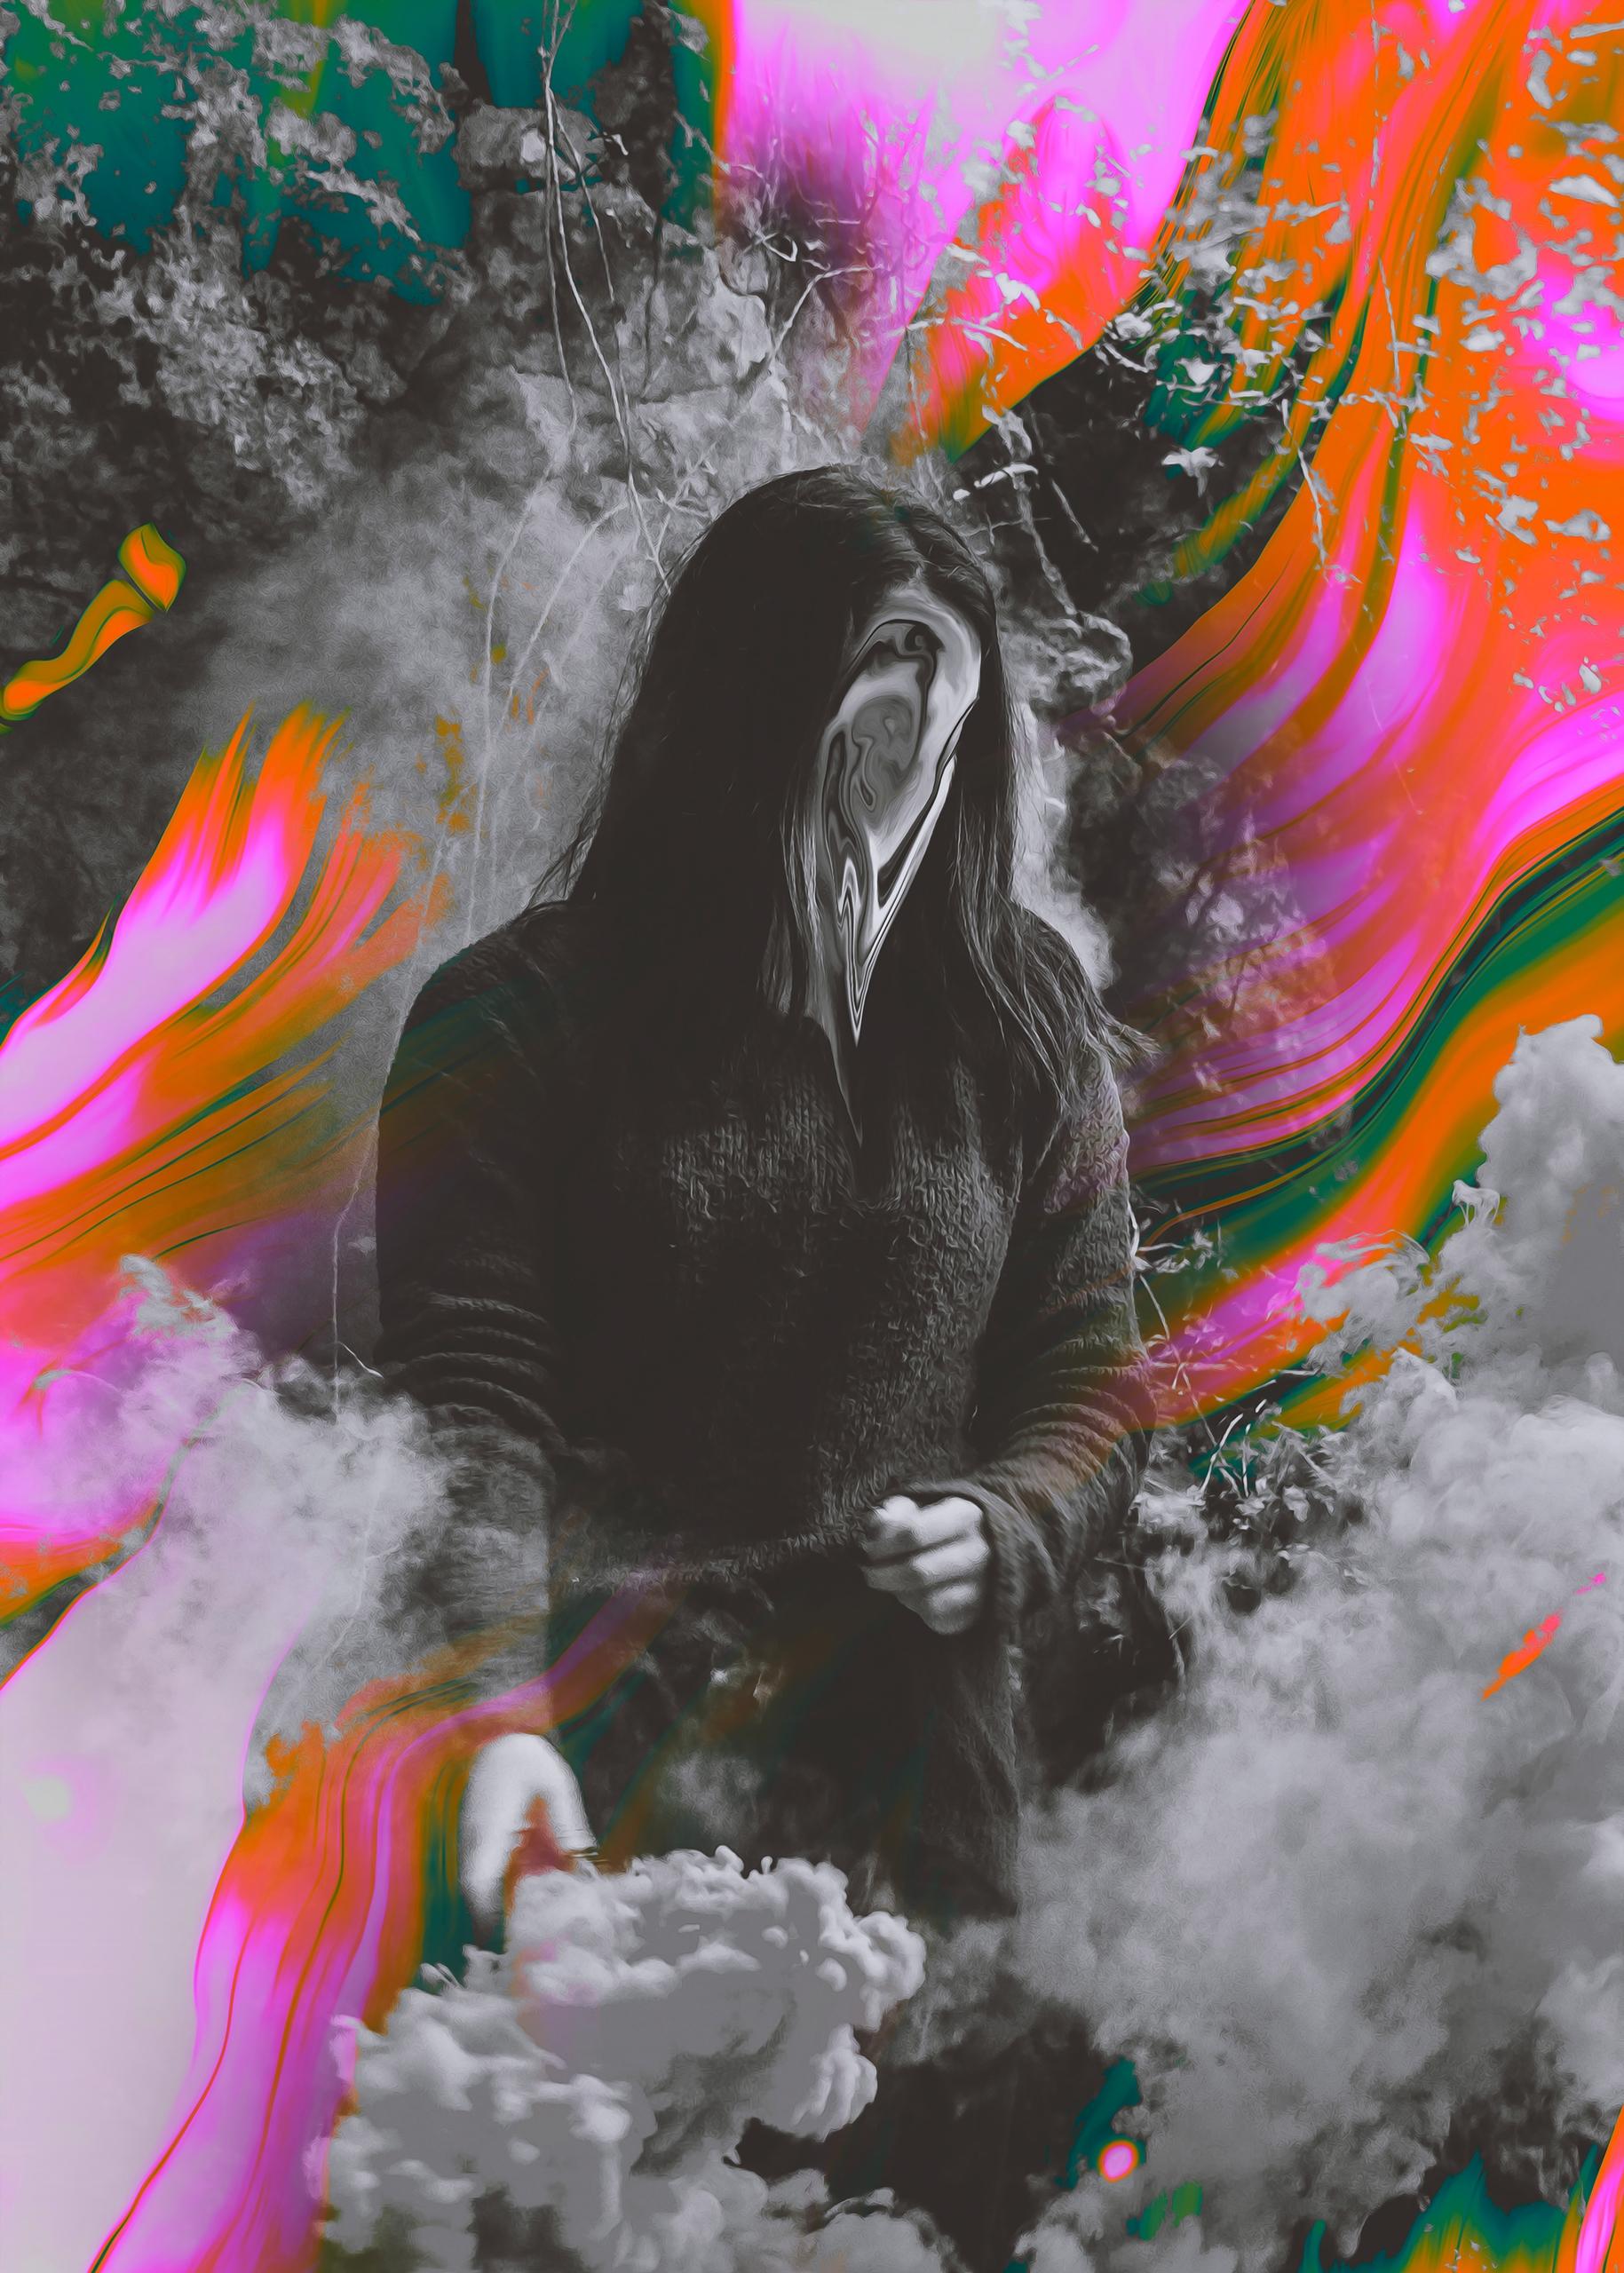 Anxiety Alycia Rainaud Artist M - maalavidaa | ello